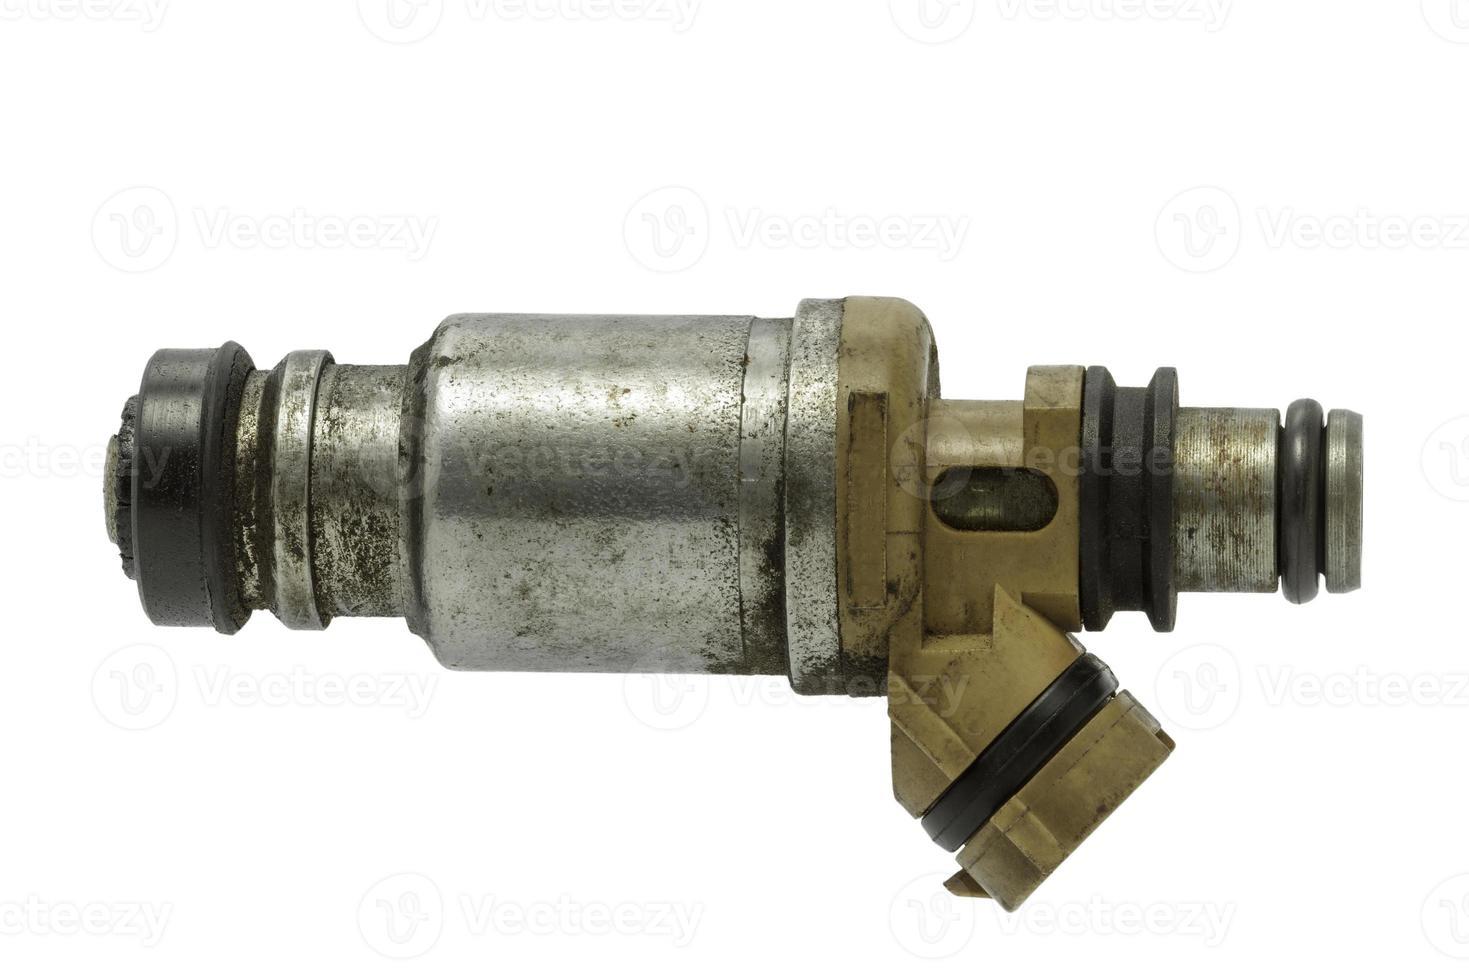 injecteur de carburant usagé sur fond blanc photo